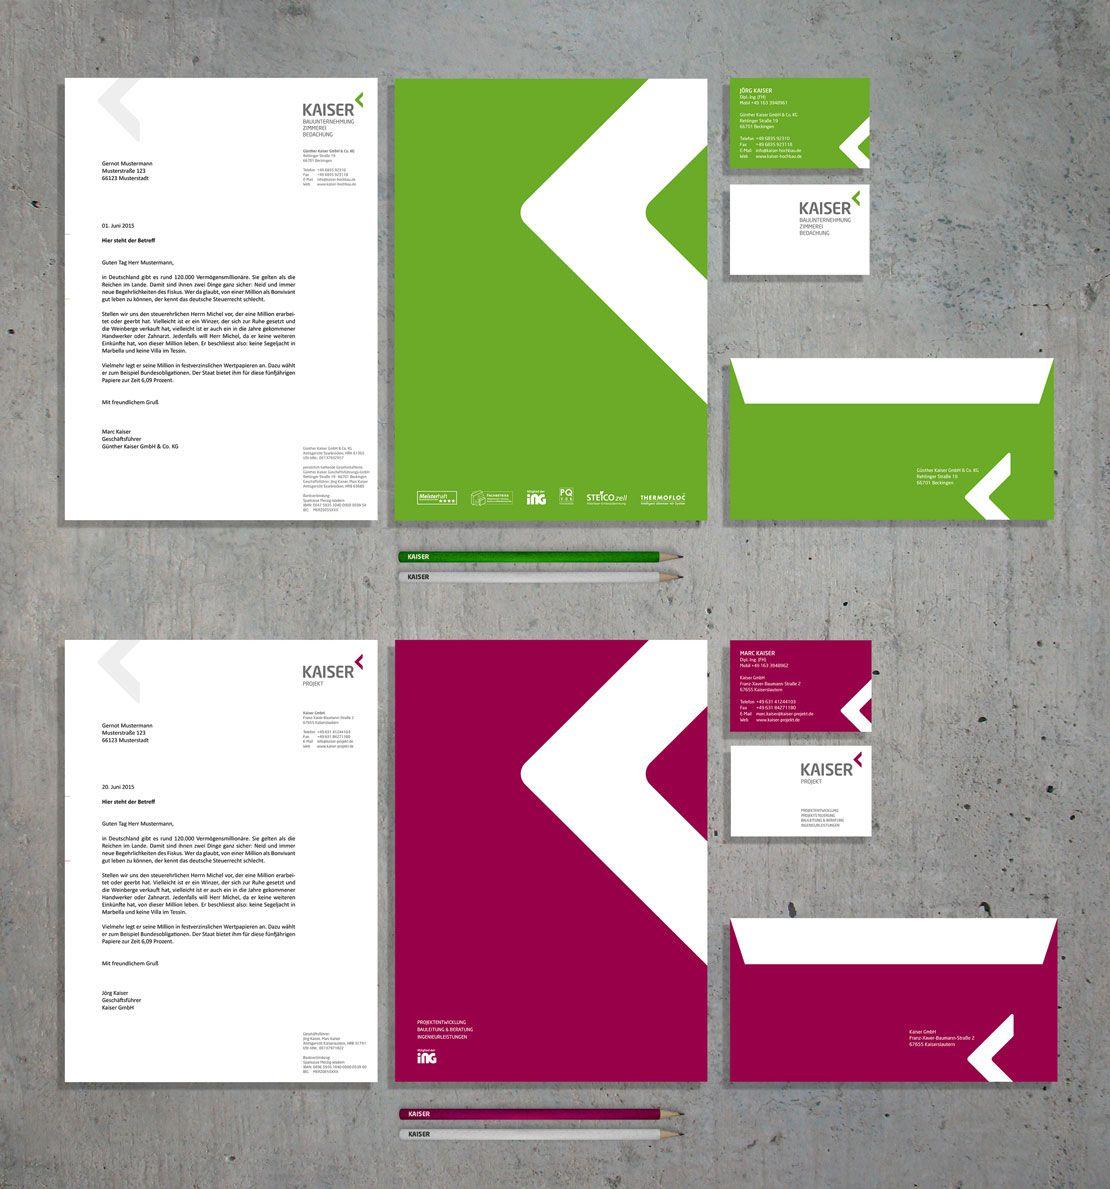 Eindruck Entwickelte Das Neue Corporate Design Logo